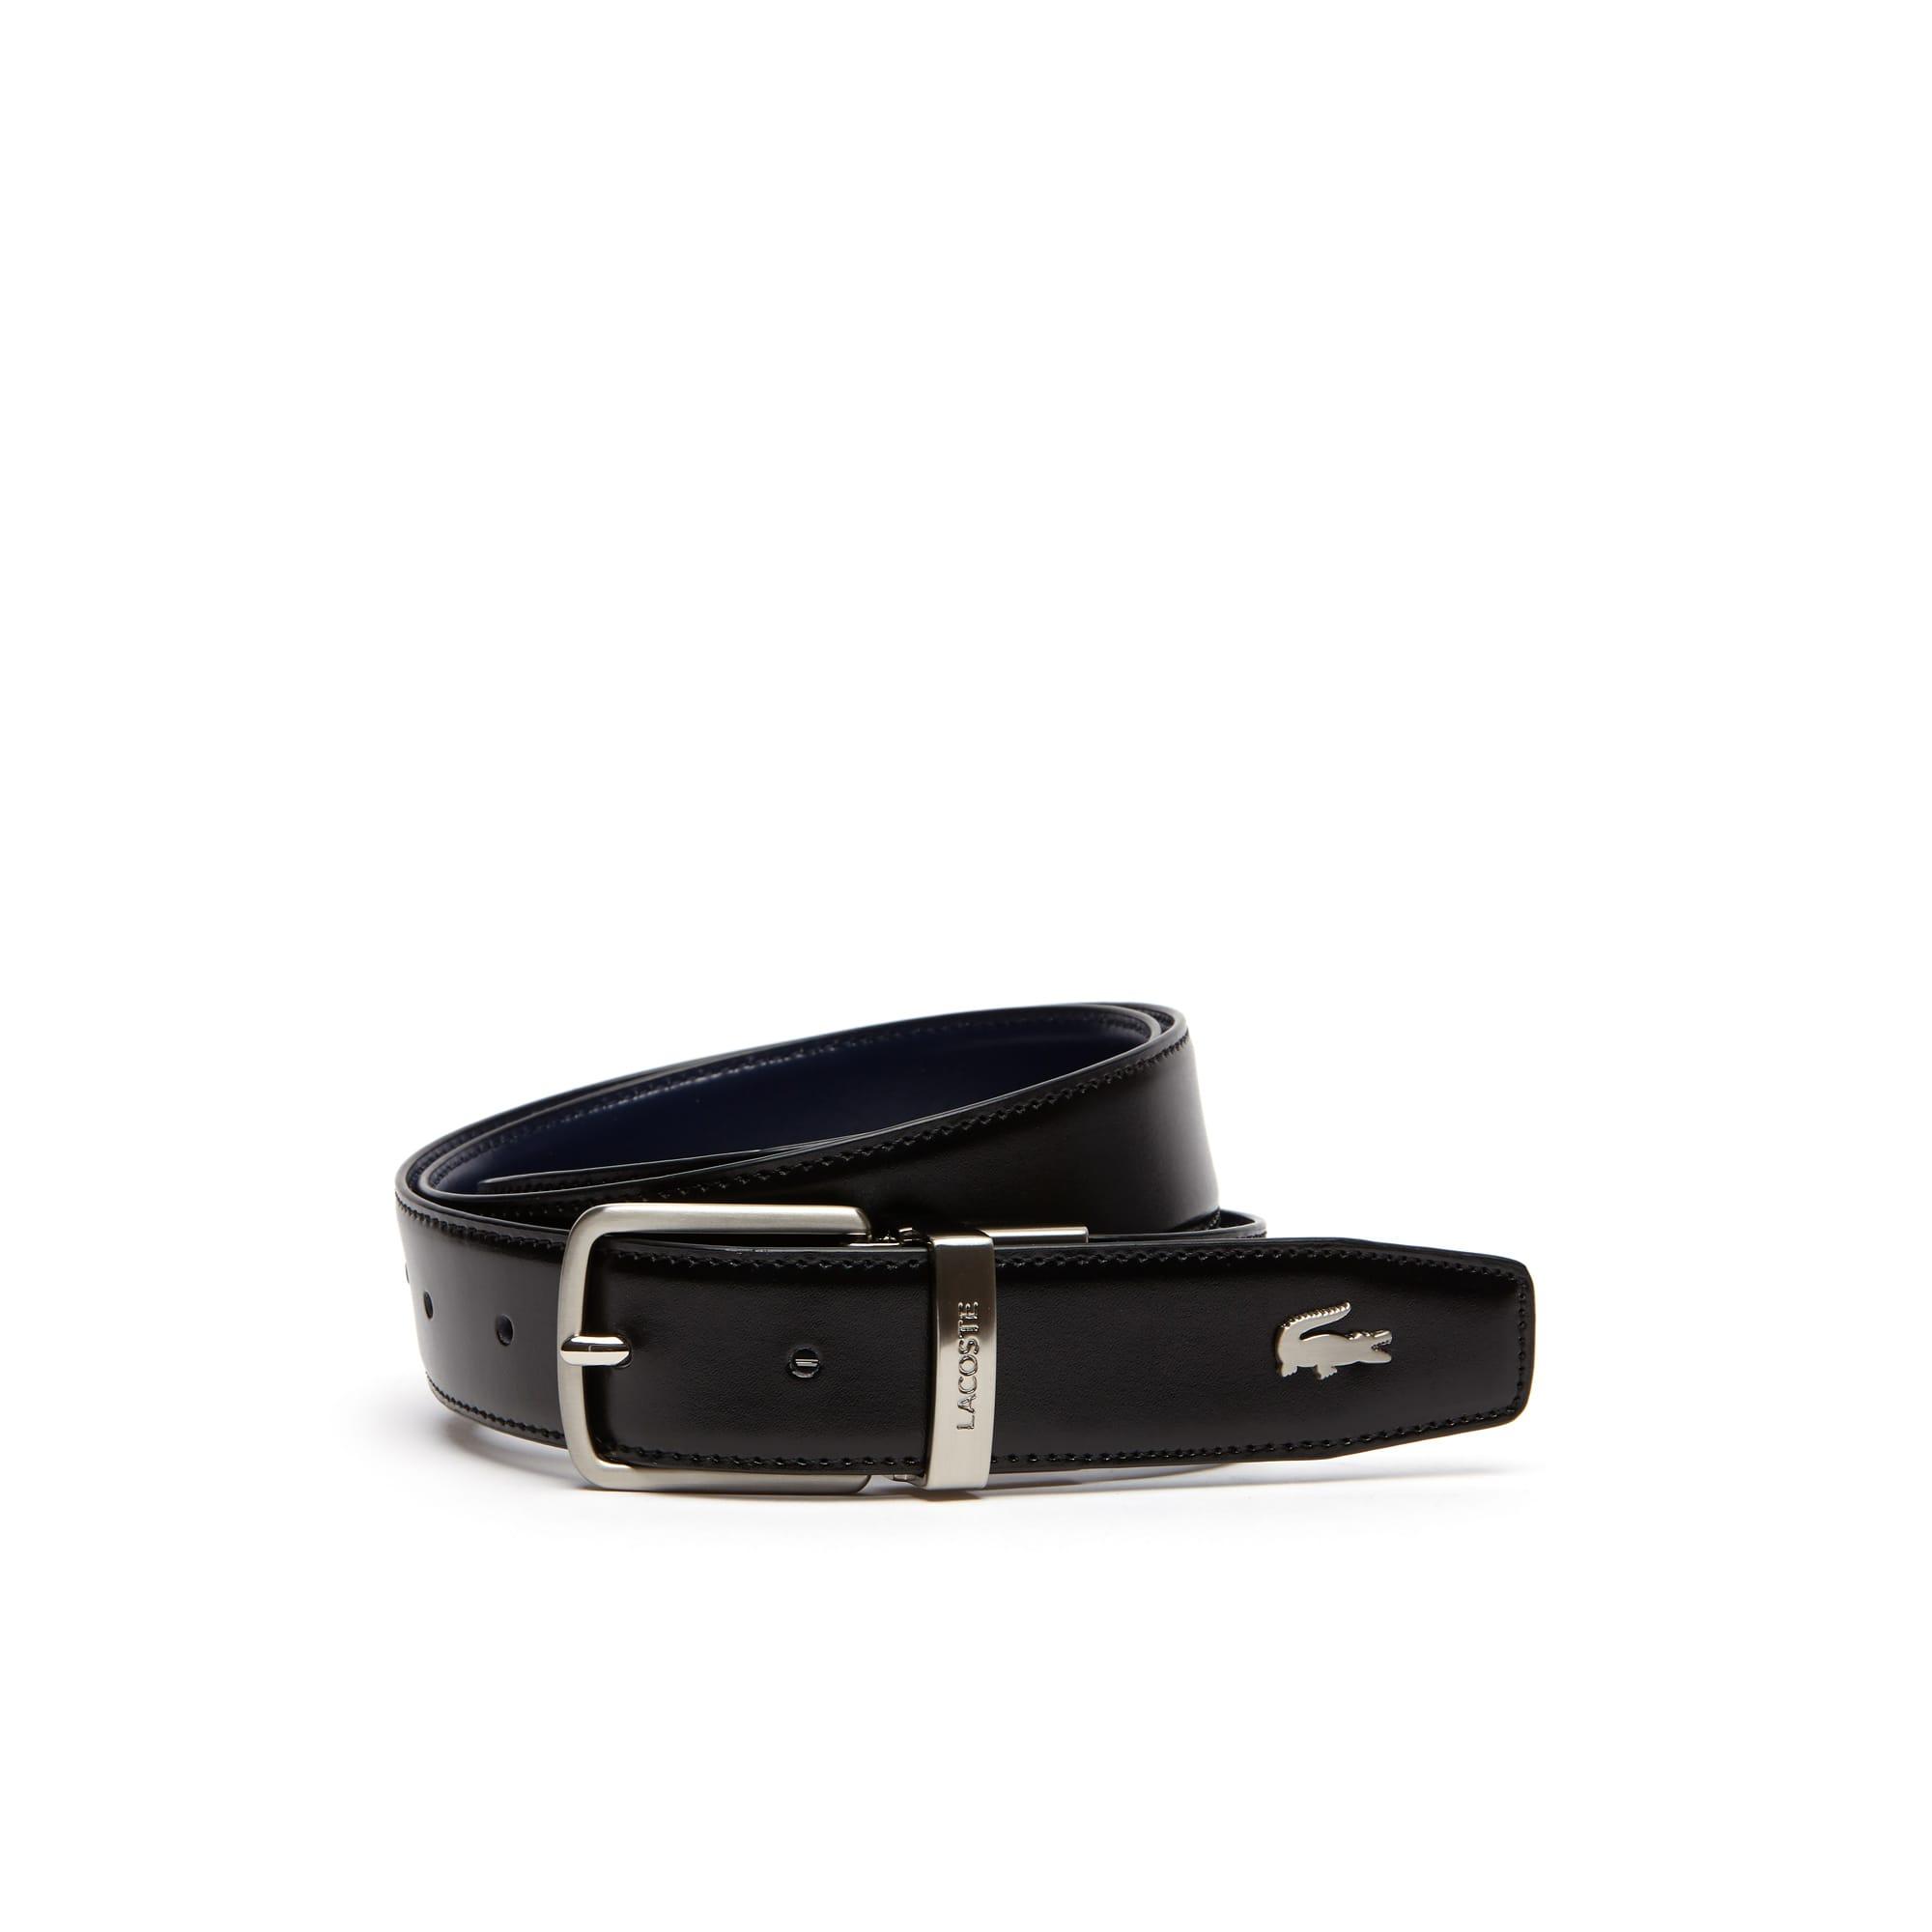 حزام من الجلد قابل للارتداء على الوجهين مُزوَّد بإبزيم ذي لسان محفور عليه حروف كلمة Lacoste للرجال